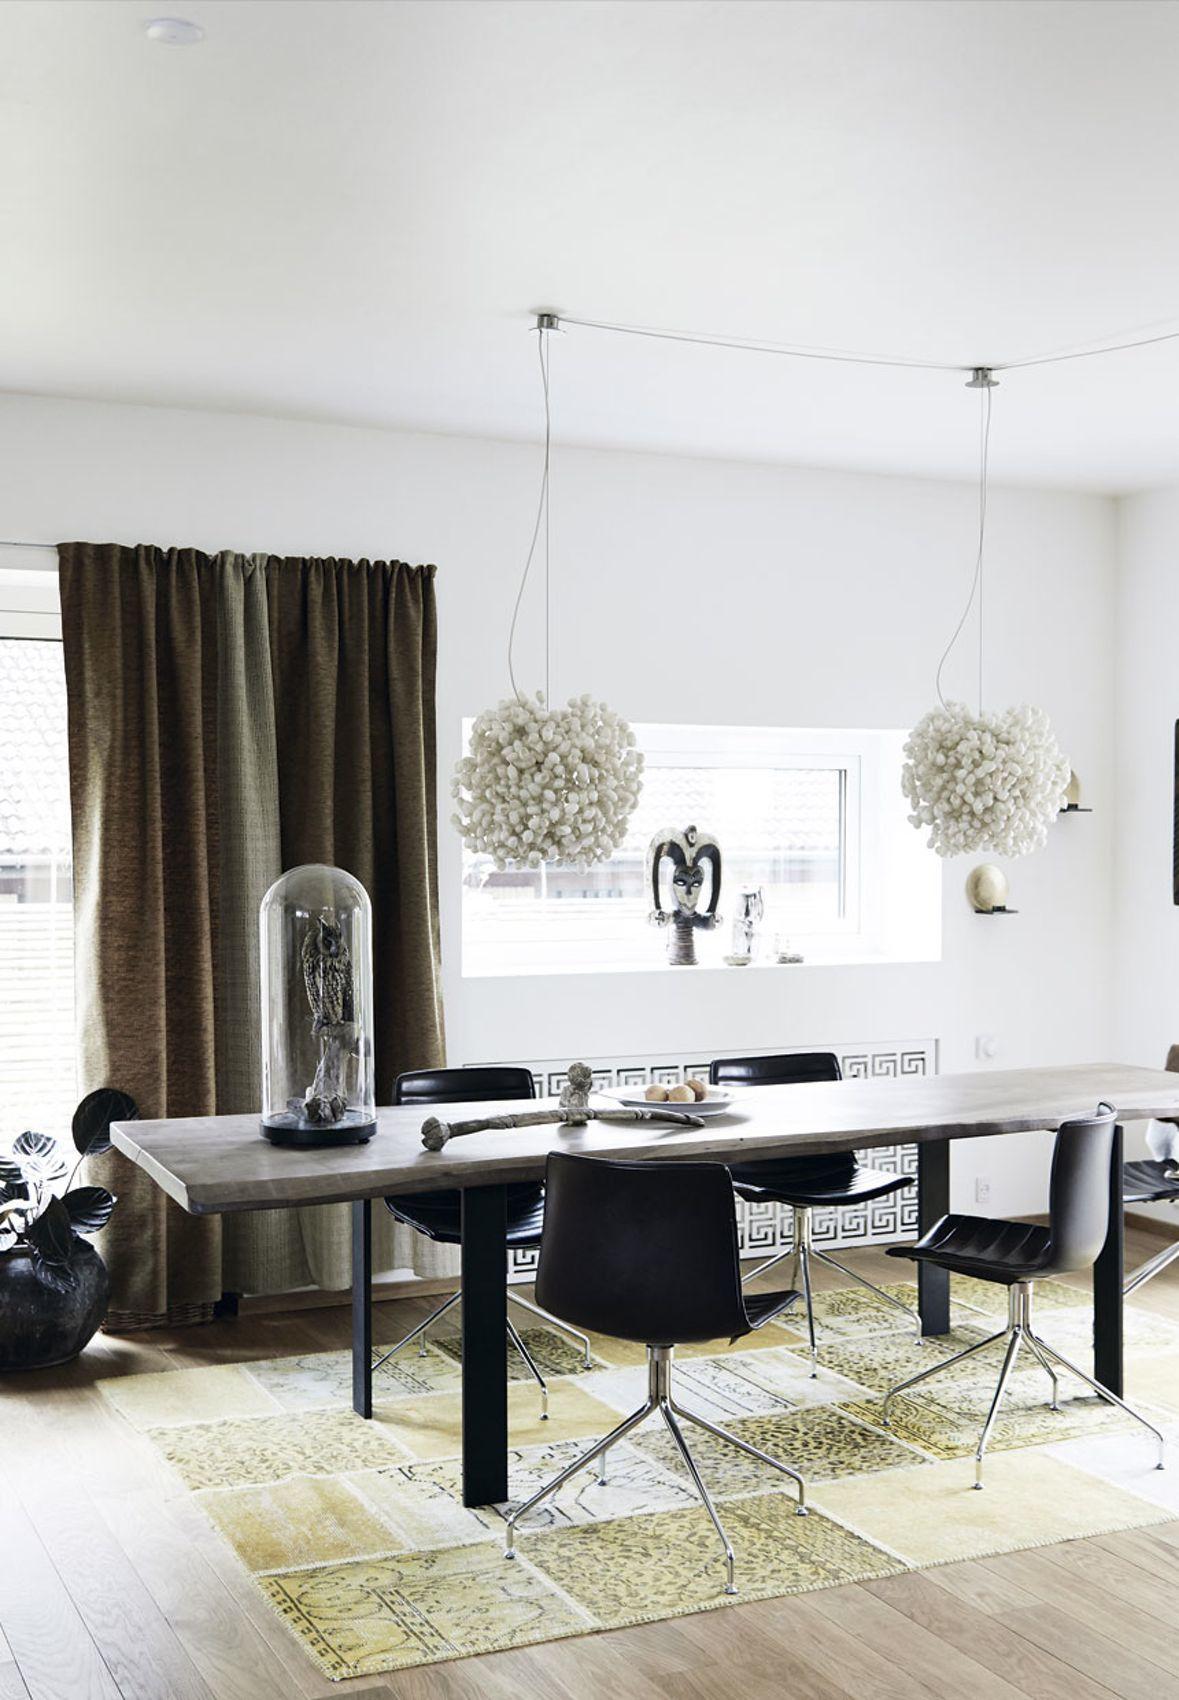 Modulhus   Moderne villa ved Roskilde Fjord   Bobedre.dk